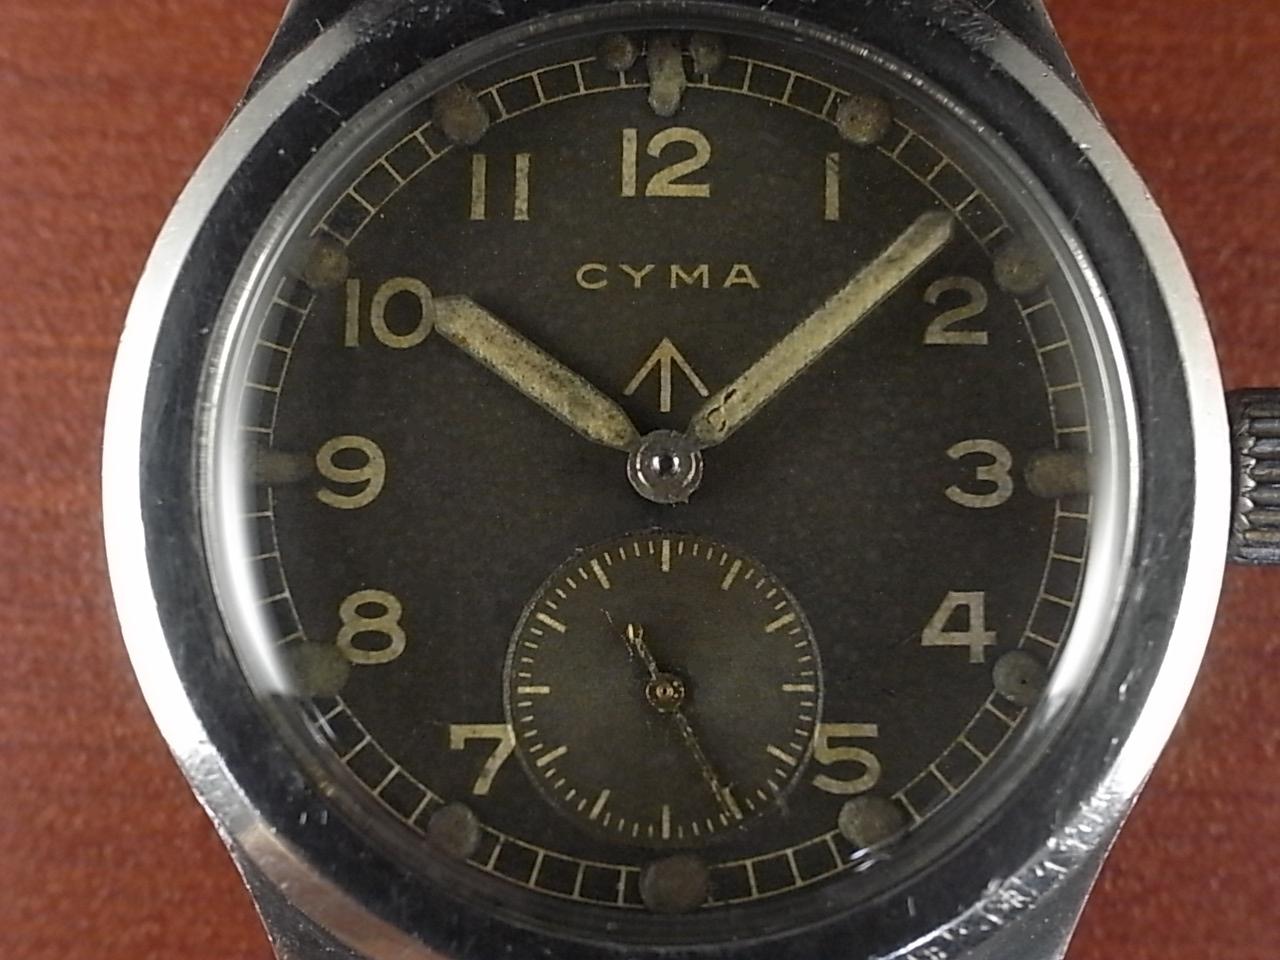 シーマ 軍用時計 イギリス陸軍 W.W.W. ラージケース 第二次世界大戦 1940年代の写真2枚目